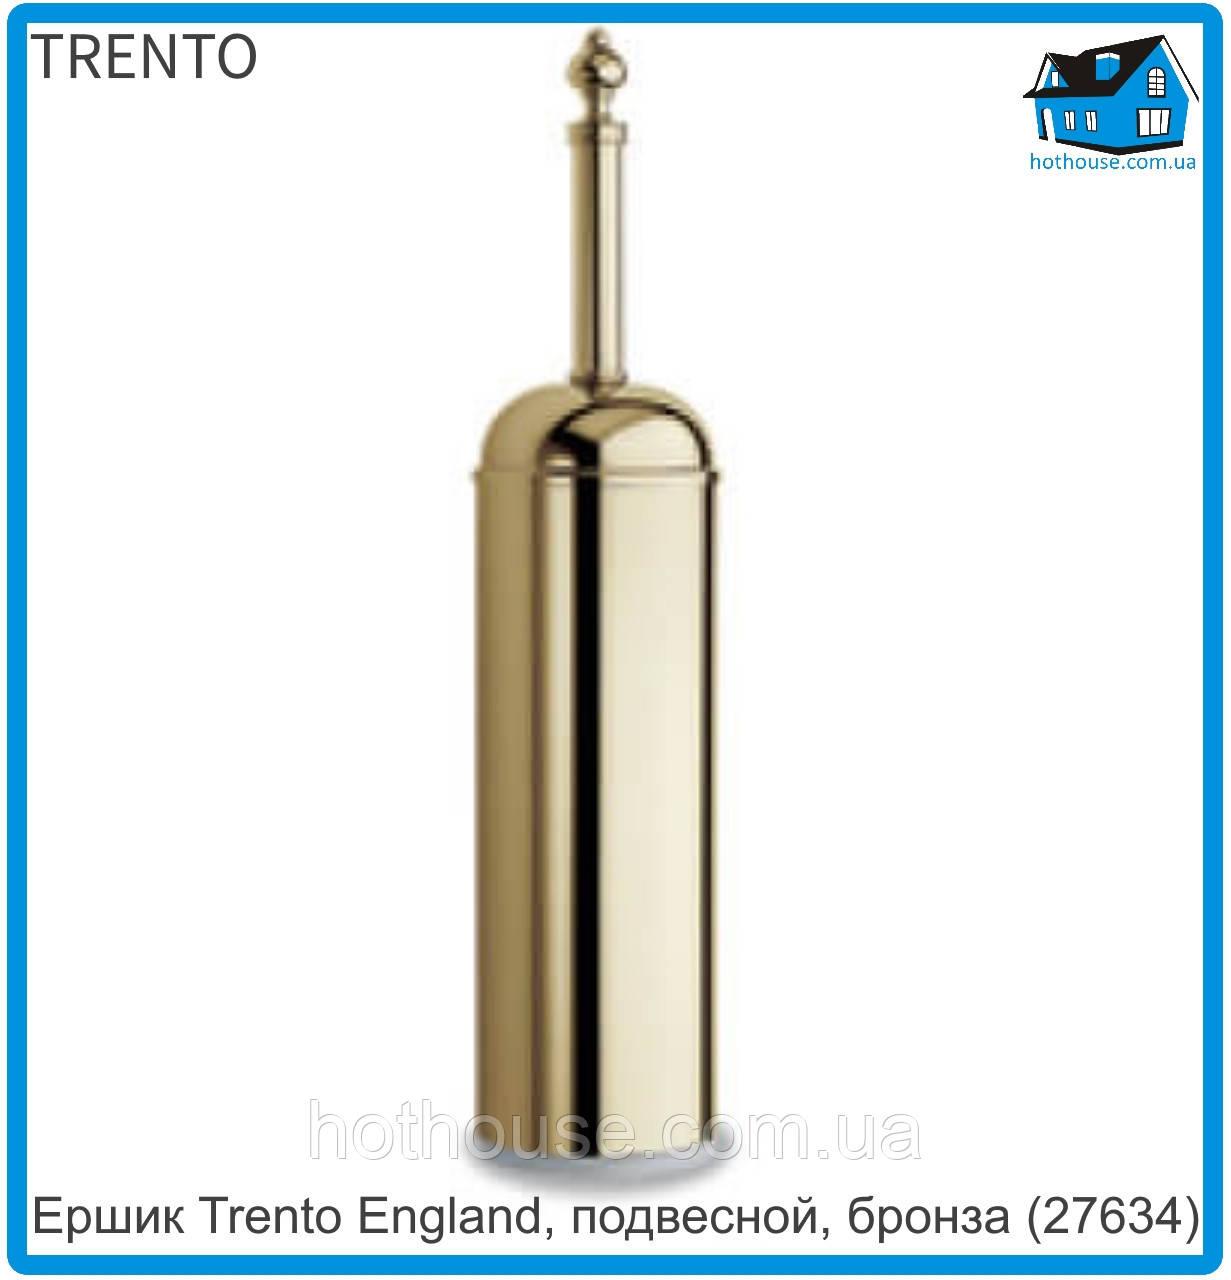 Ершик для унитаза Trento England, подвесной, бронза (27634)